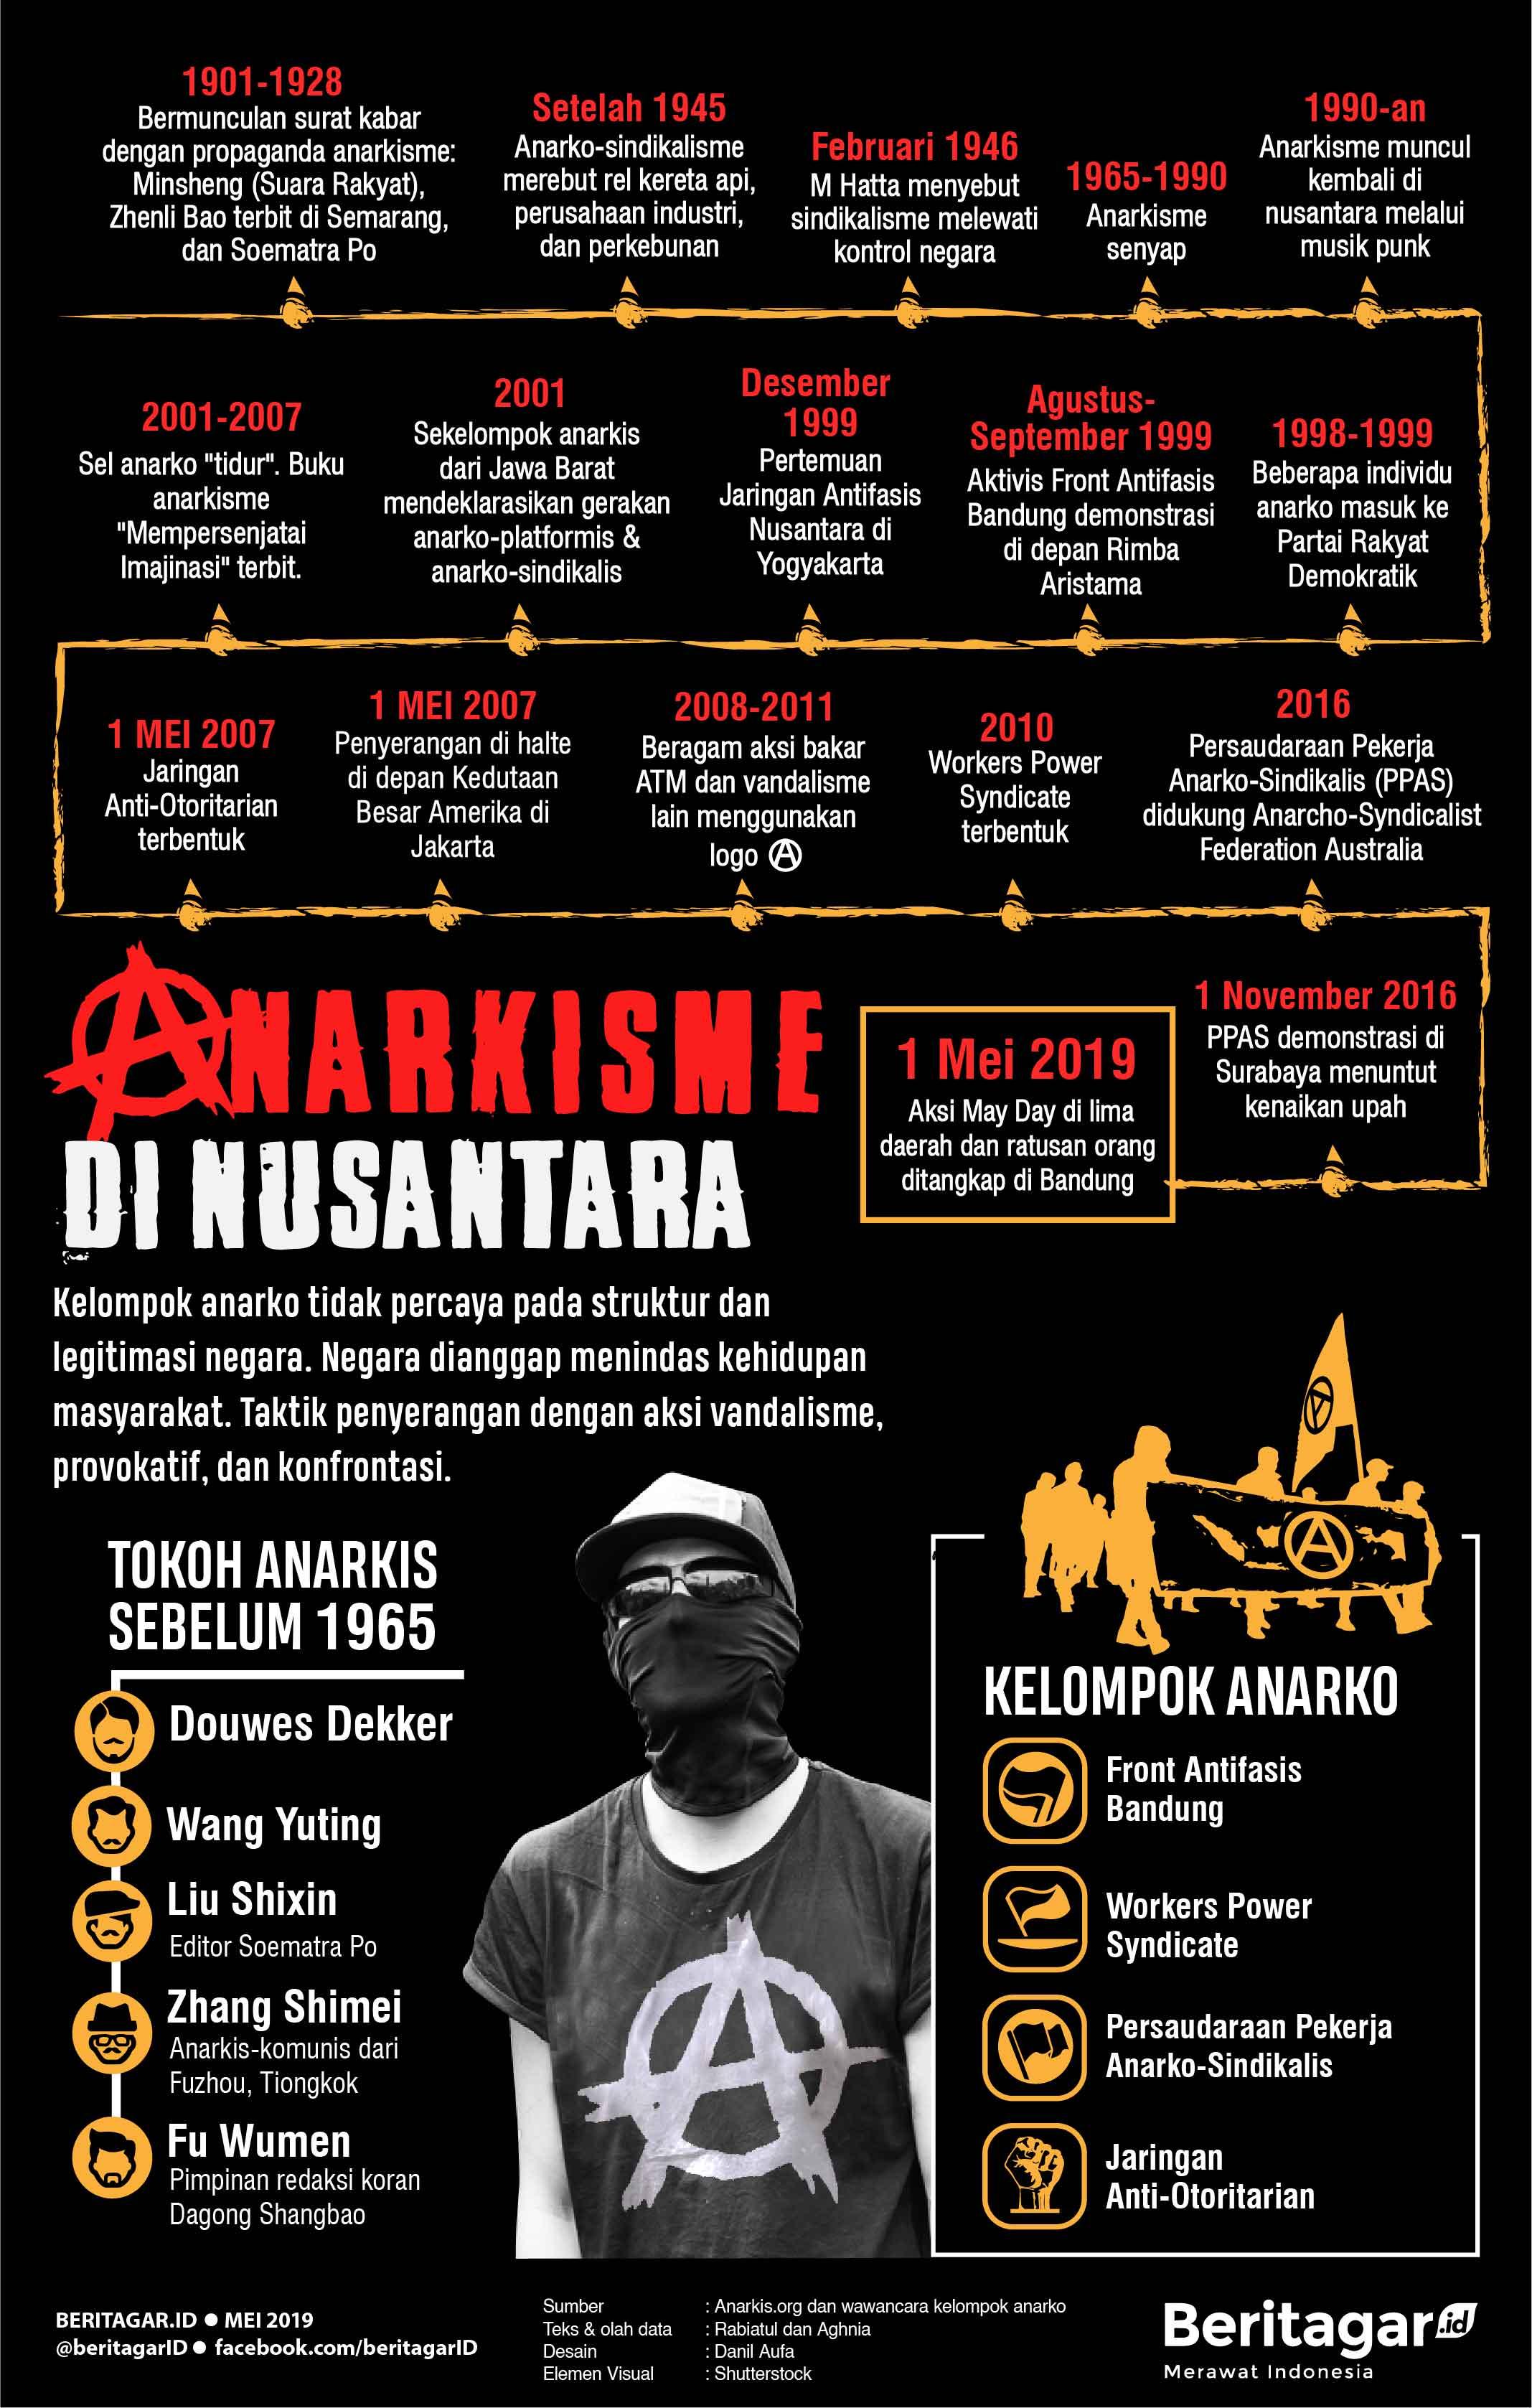 Infografis Anarko di Nusantara